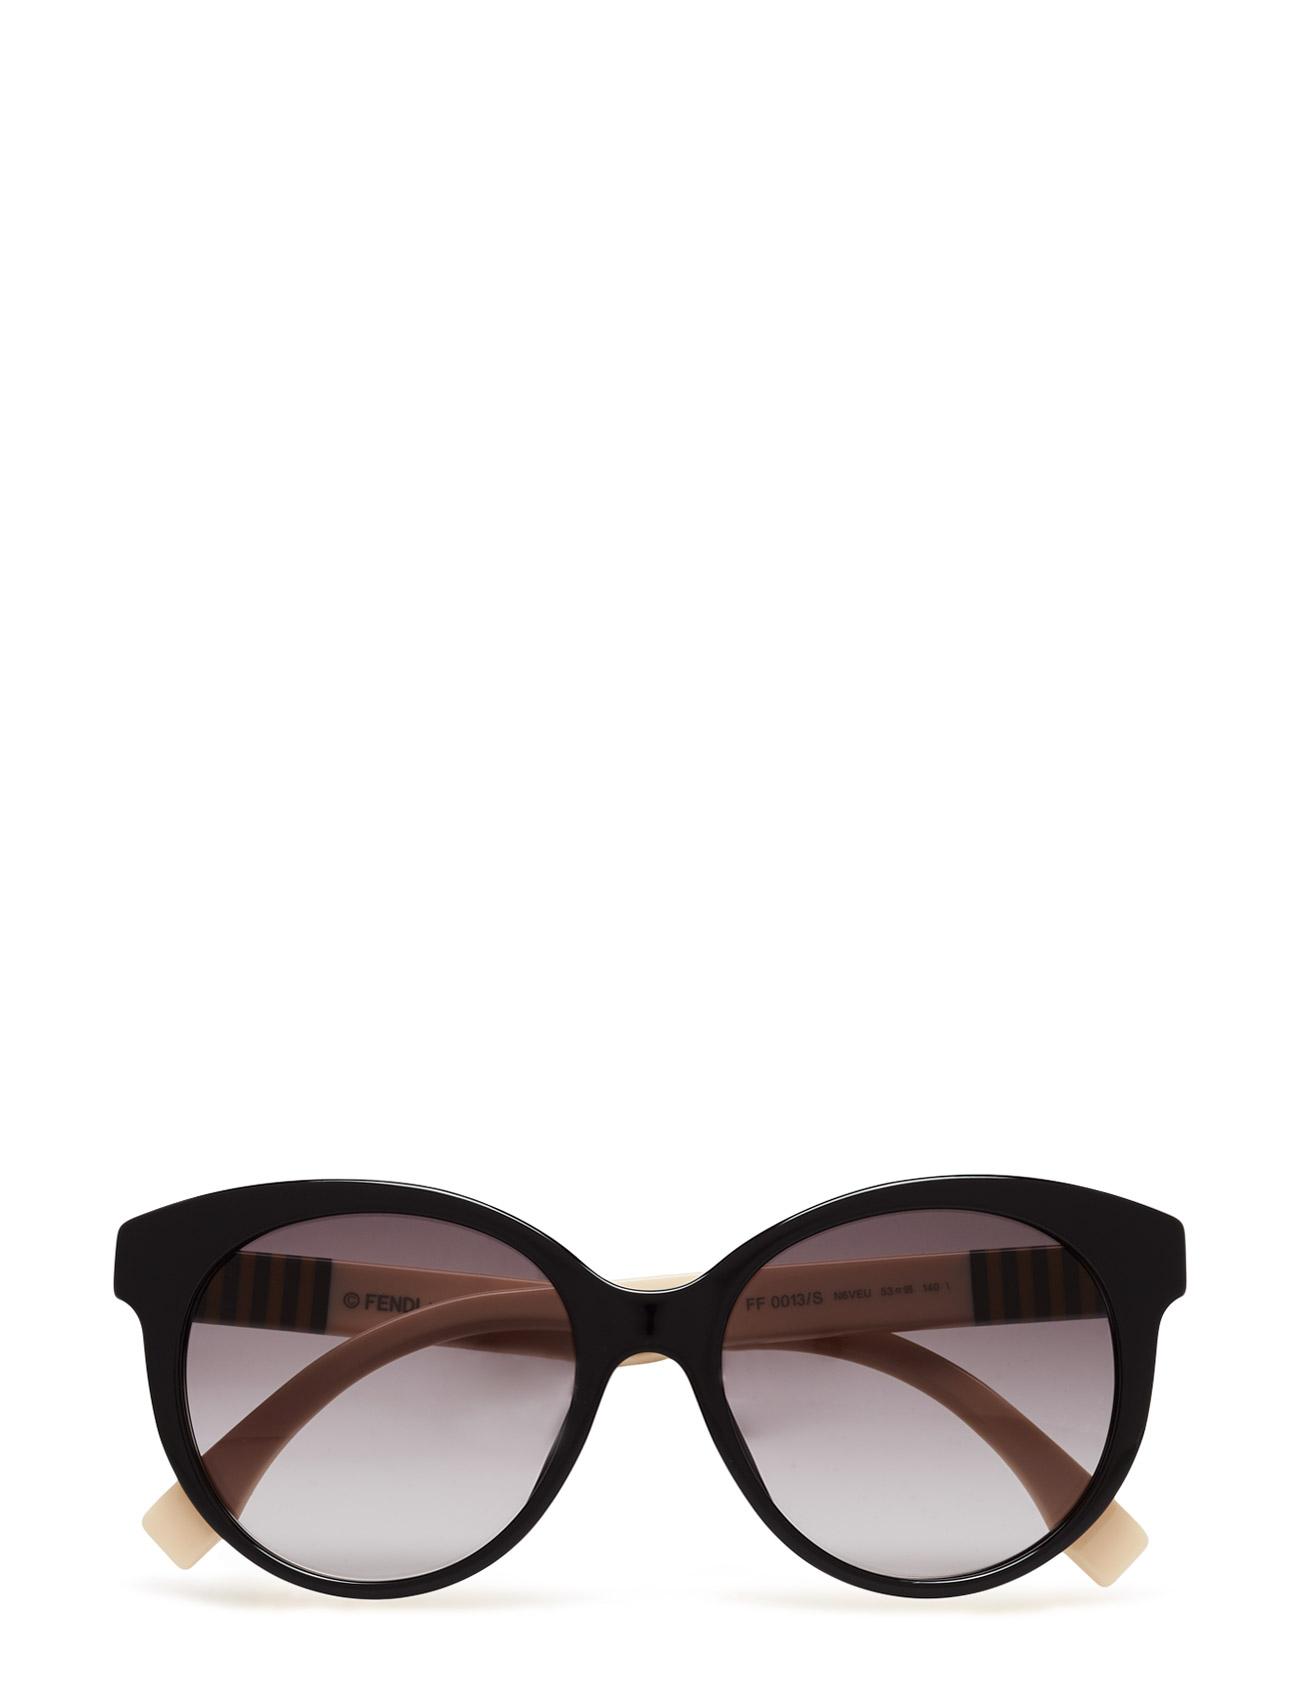 247465 fra fendi sunglasses fra boozt.com dk